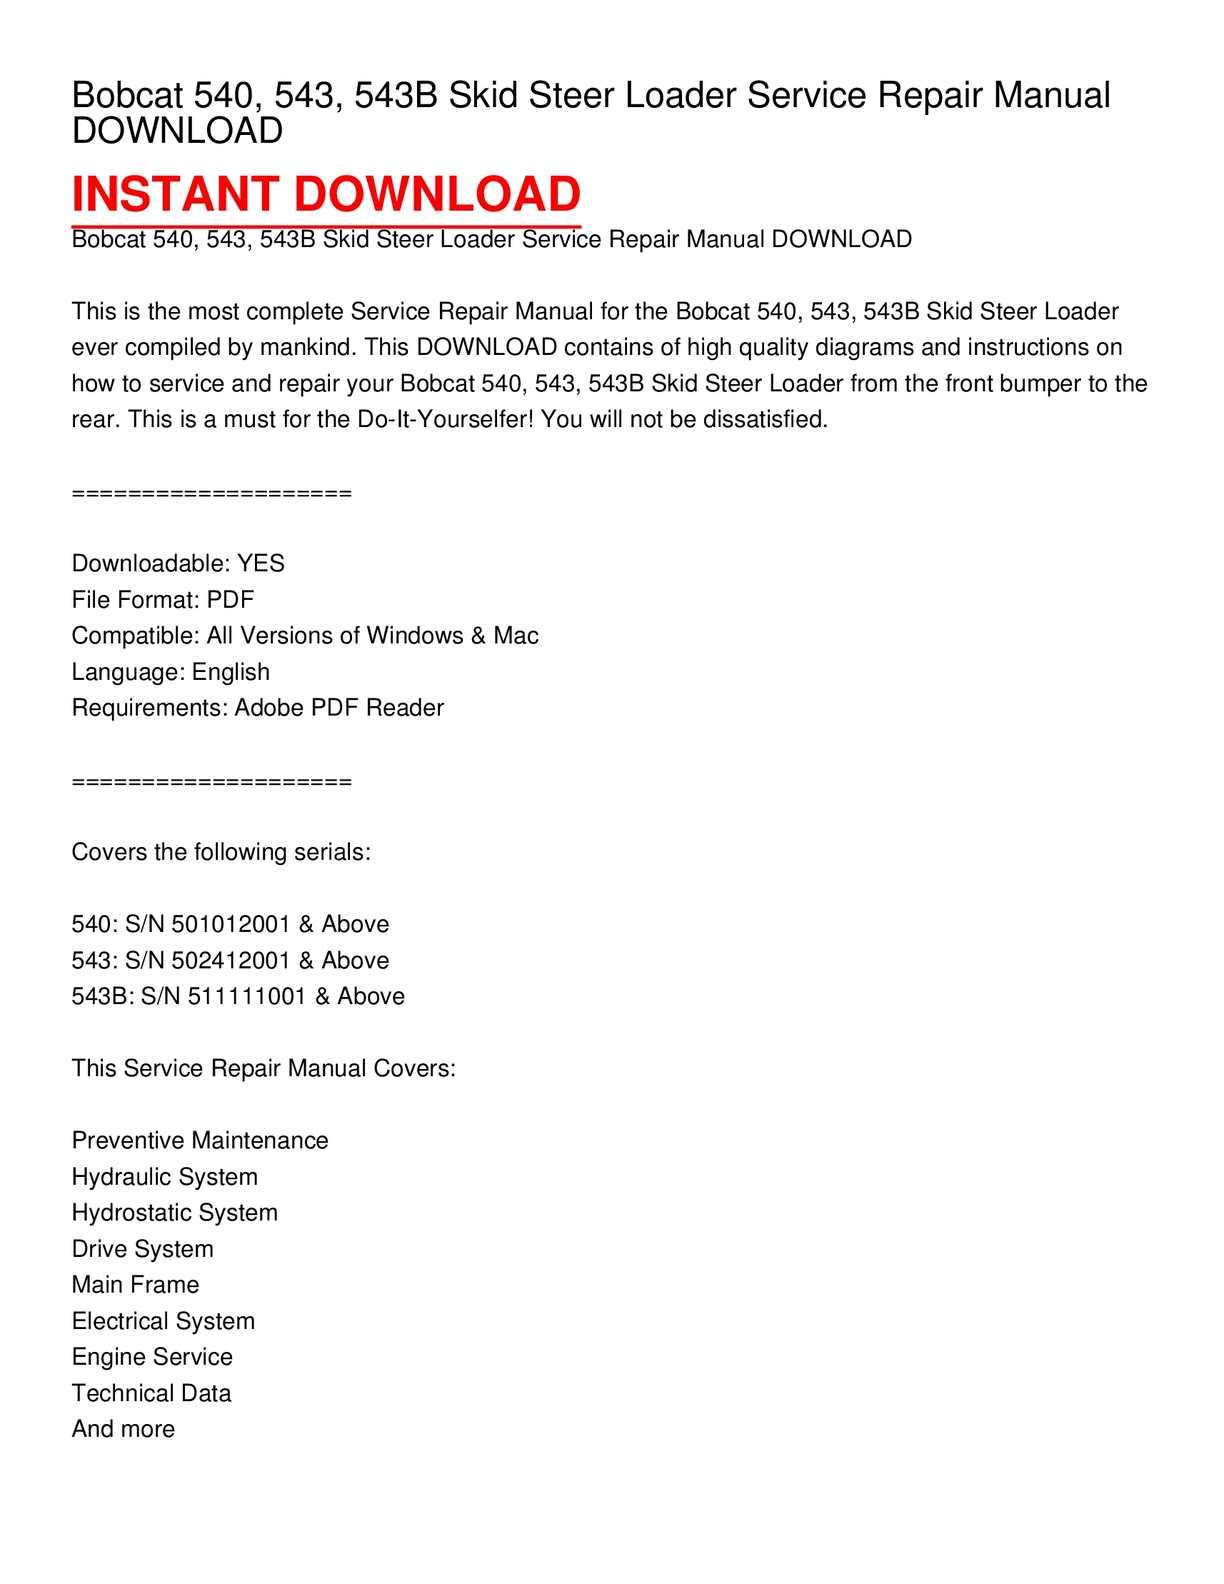 Bobcat 543 separa descarga manual